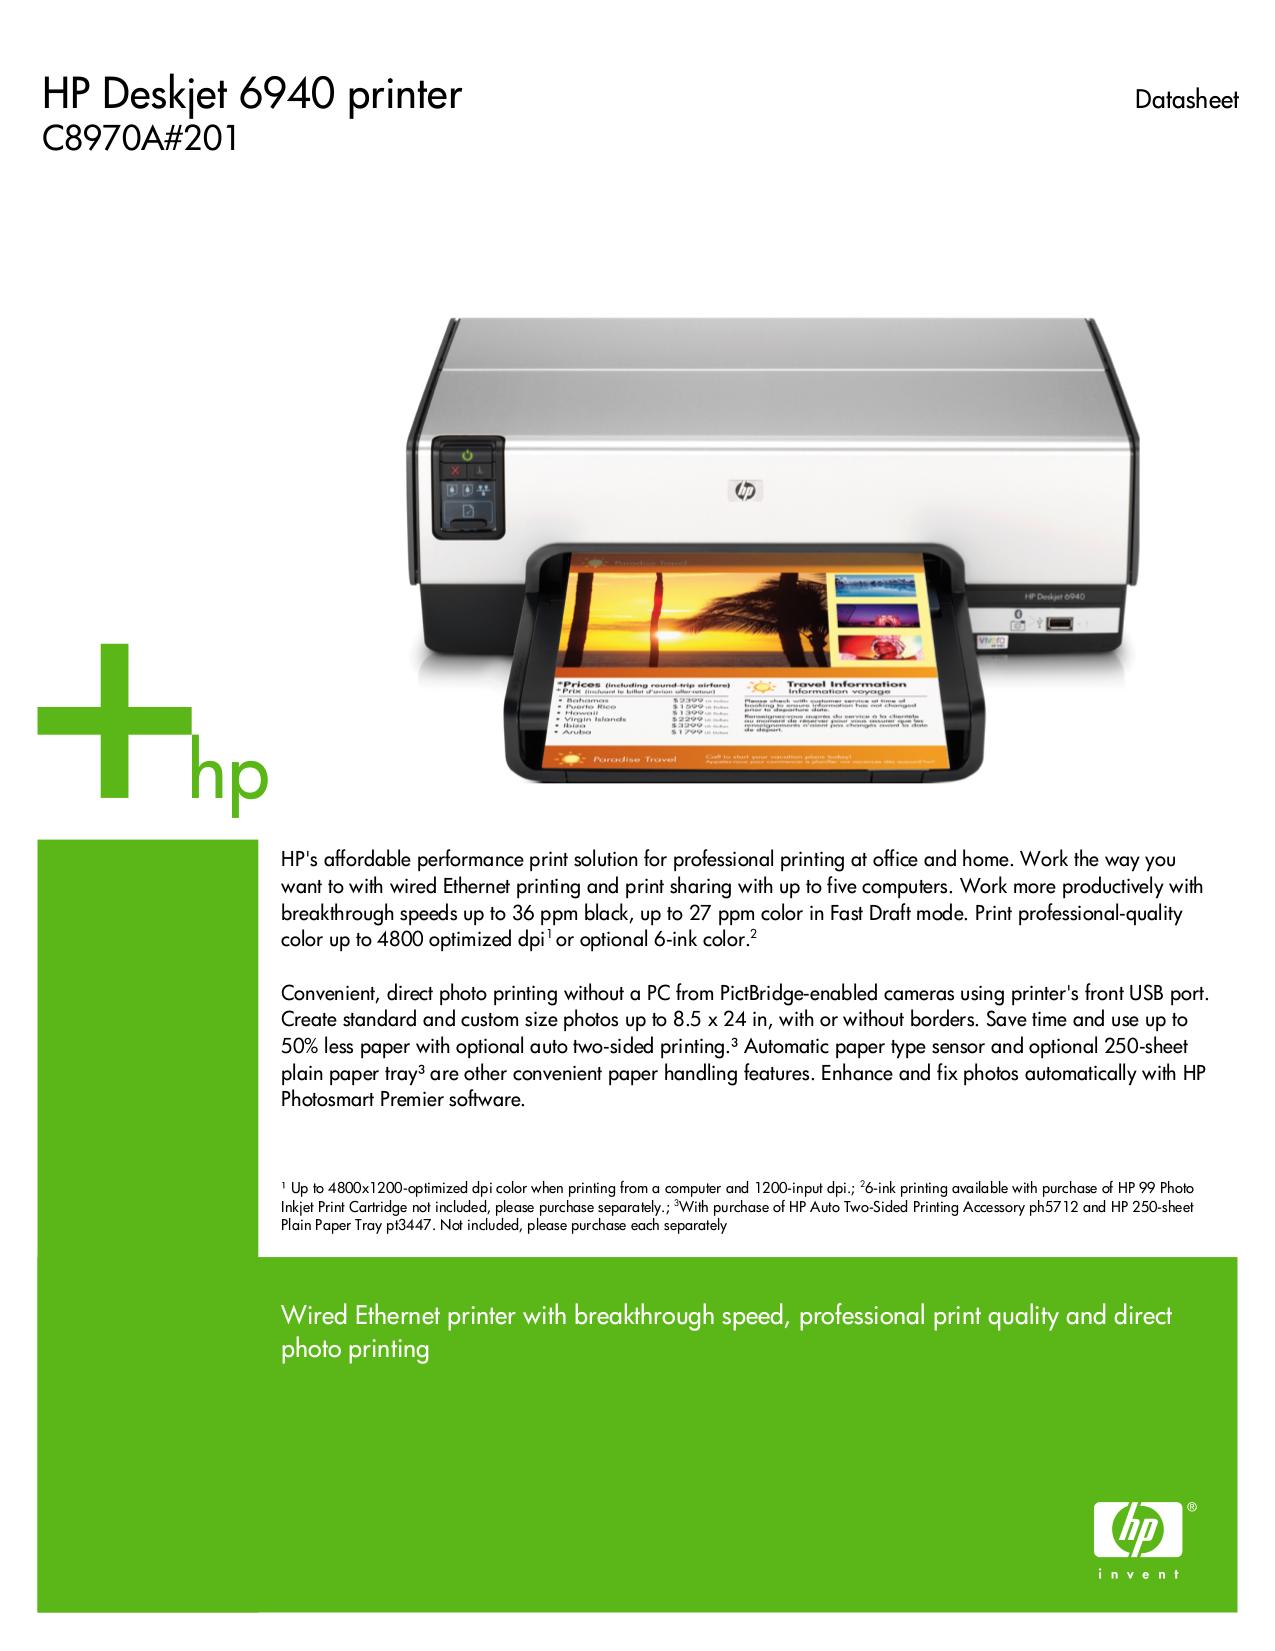 download free pdf for hp deskjet 6940 printer manual rh umlib com hp deskjet 6940 manual clean hp deskjet 6940 manuel